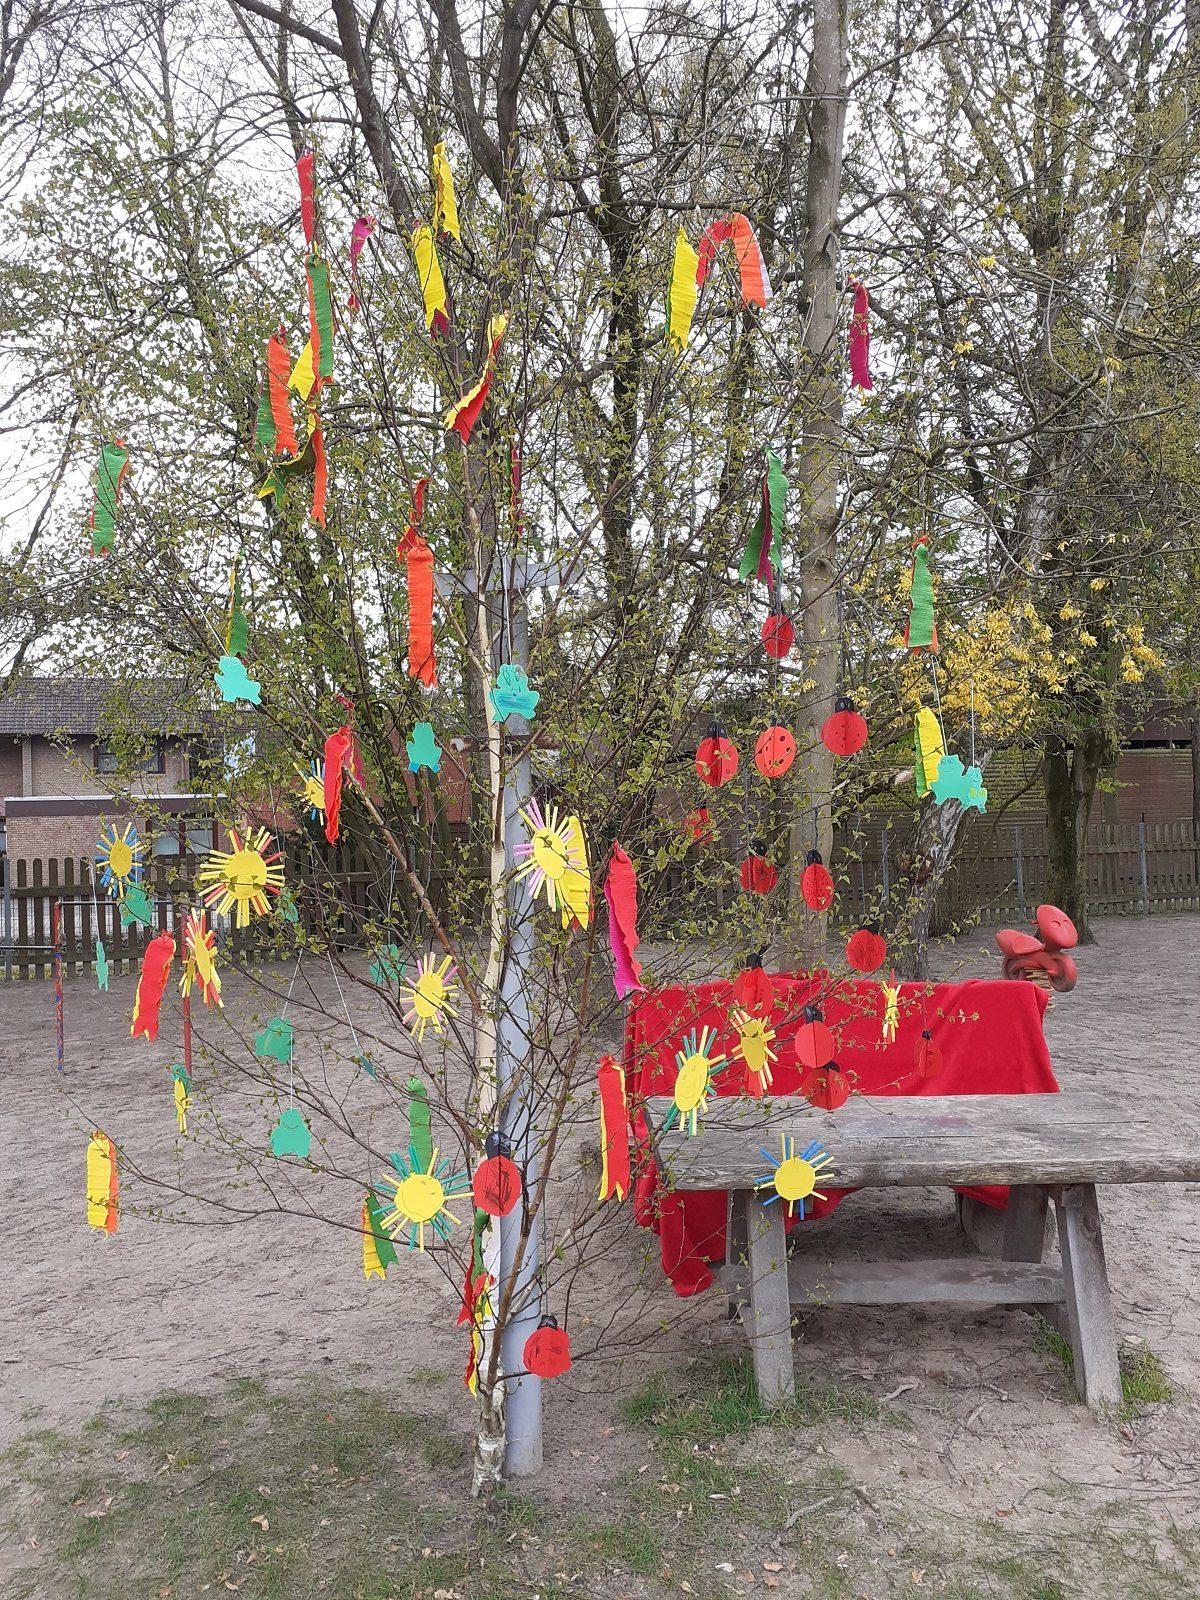 """Auch in diesem Jahr haben die Kinder im Kindergarten einen """"Maibaum"""" geschmückt. Da aber ein gemeinsames Maibaum-binden der Gruppen nicht möglich war, wurde kurzerhand ein ca. 2m hoher Birkenstrauch auf dem Spielplatz aufgestellt. In jeder Gruppe haben die Kinder Schmuck für den Maibaum gebastelt und den Maibaum damit zeitversetzt geschmückt. Wir finden, das Ergebnis sieht […]"""